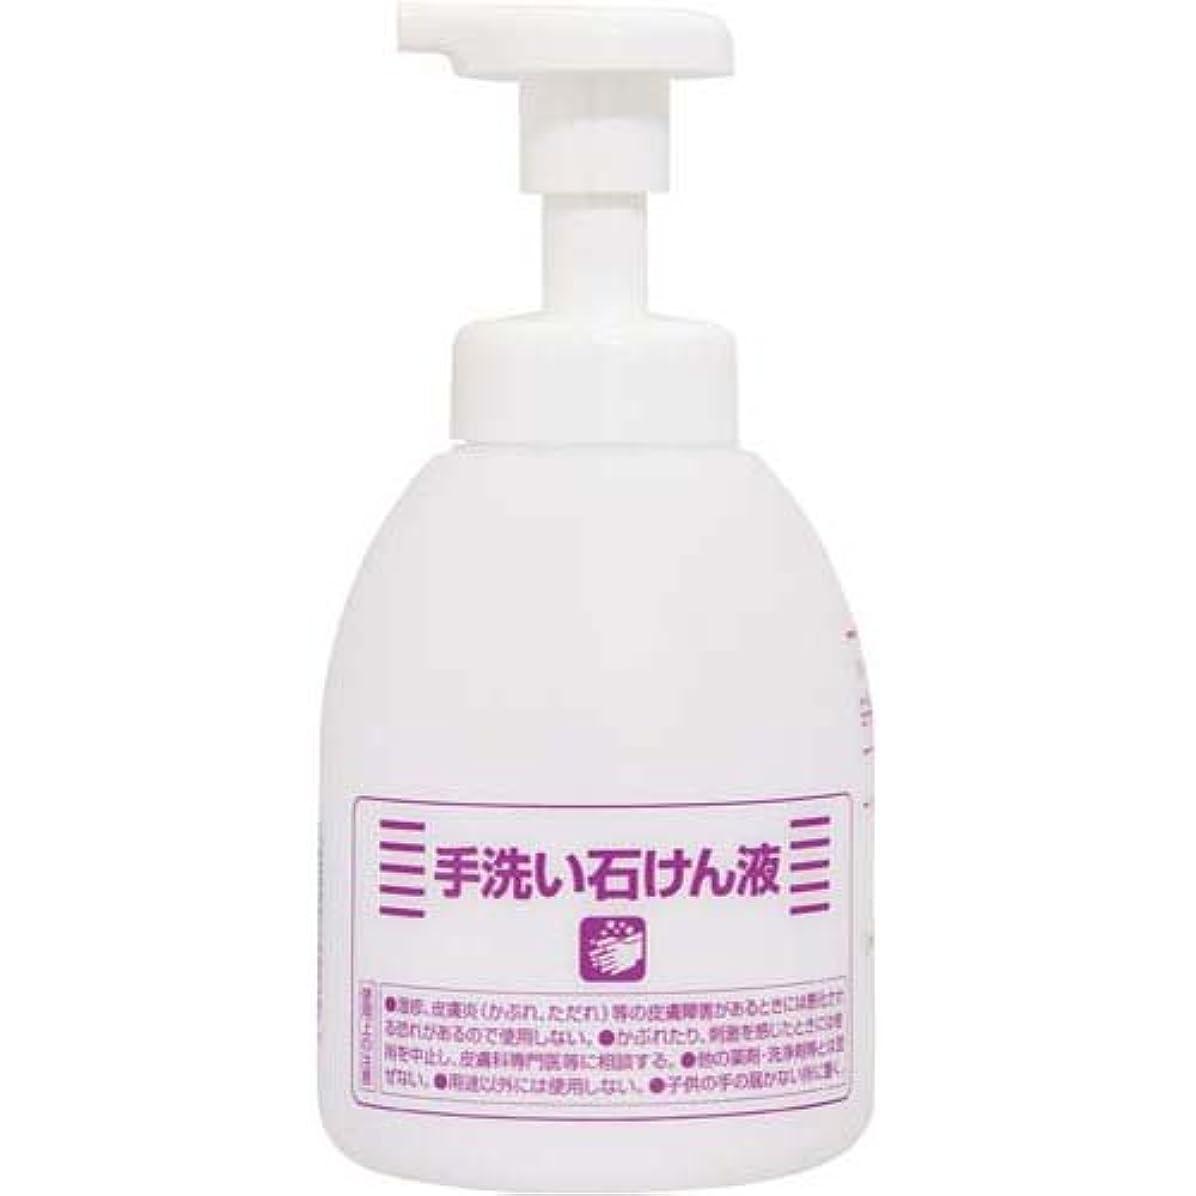 大理石重要な役割を果たす、中心的な手段となる韓国フォームディスペンサー(空容器)